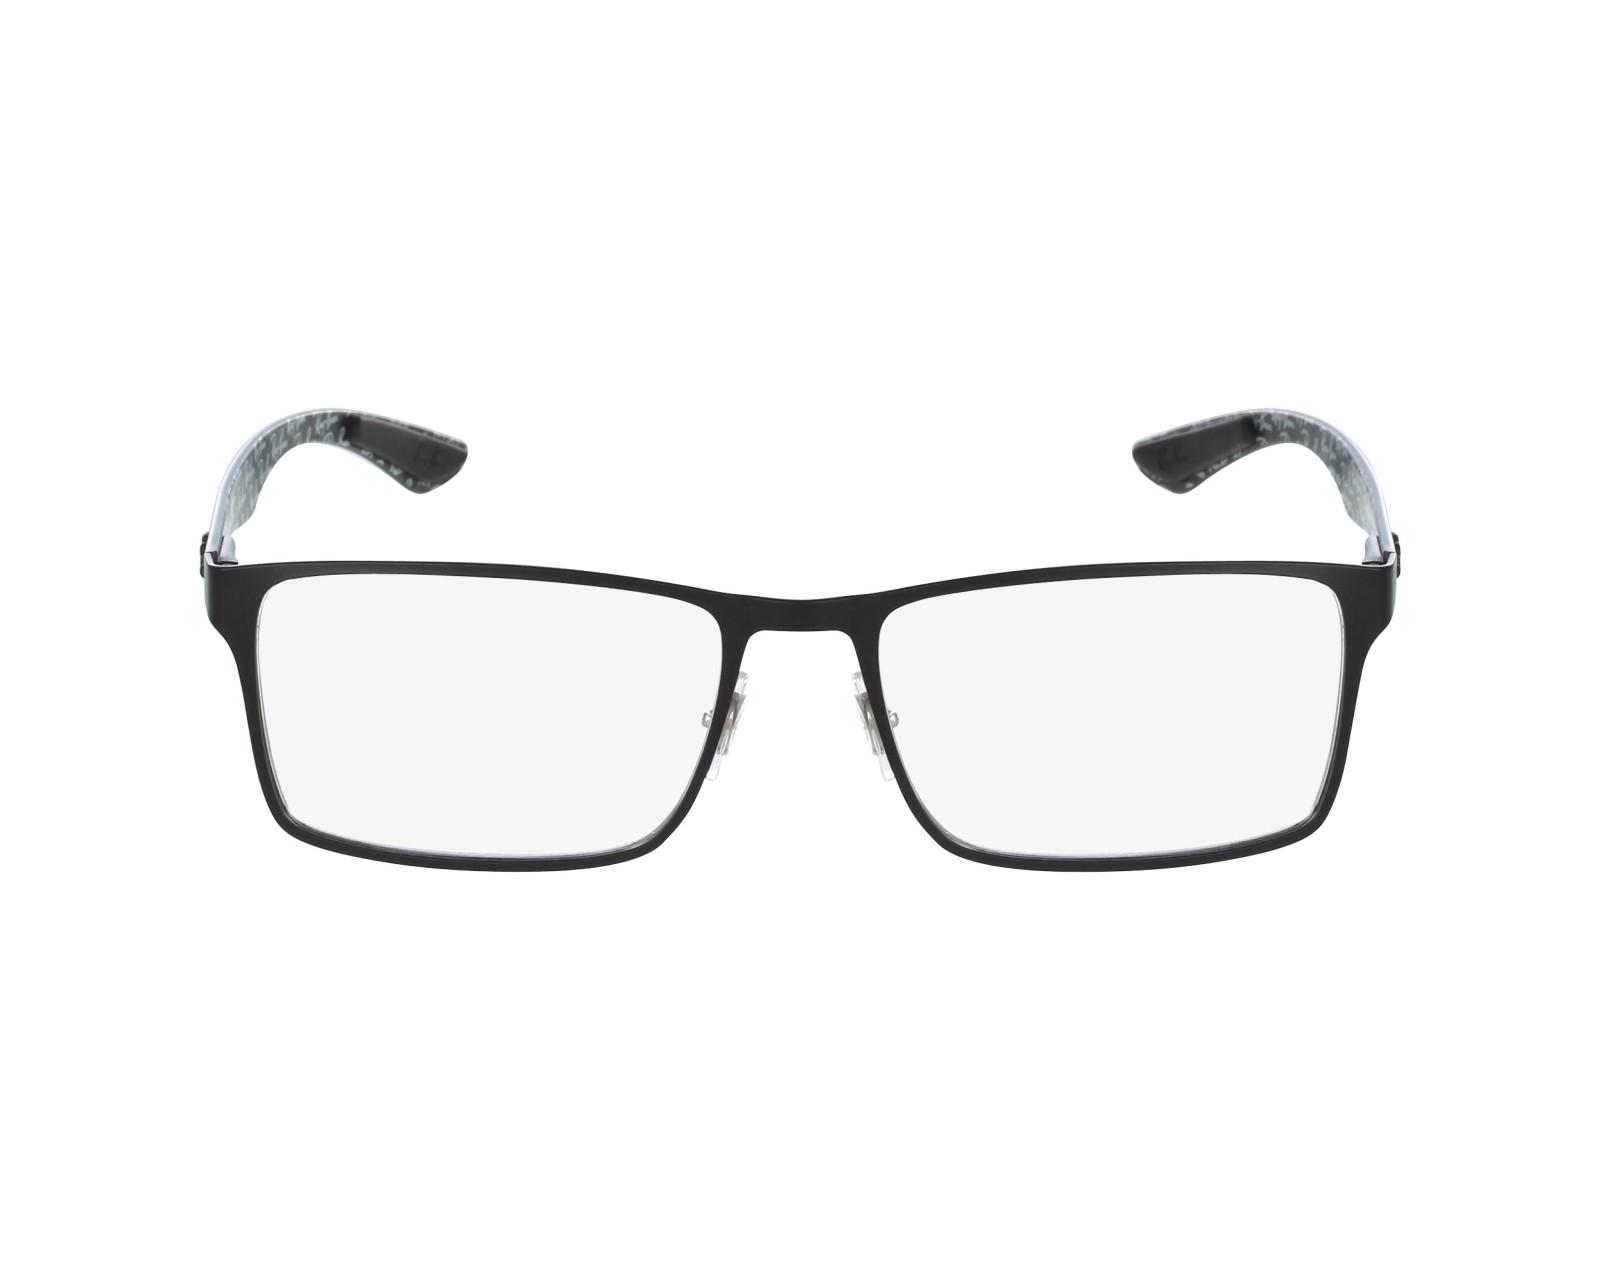 2b522cc4e5 Gafas Graduadas Ray-Ban RX-8415 2848 53-17 Negra vista de perfil